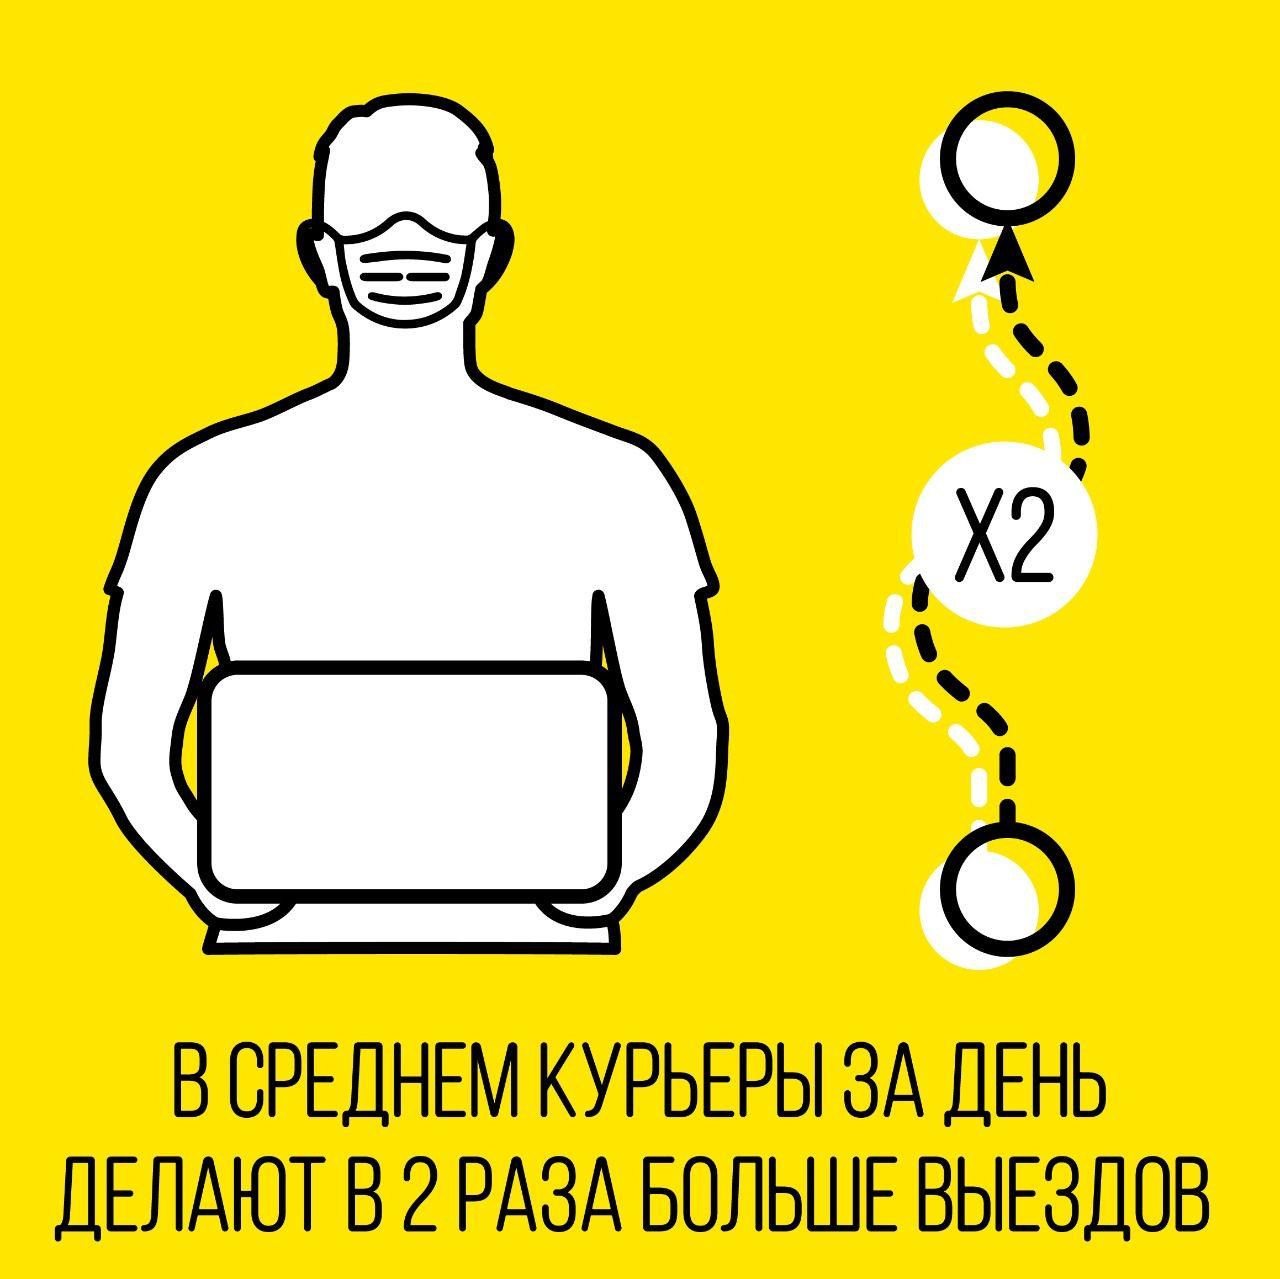 Благодаря работе курьеров самоизоляция становится проще для москвичей